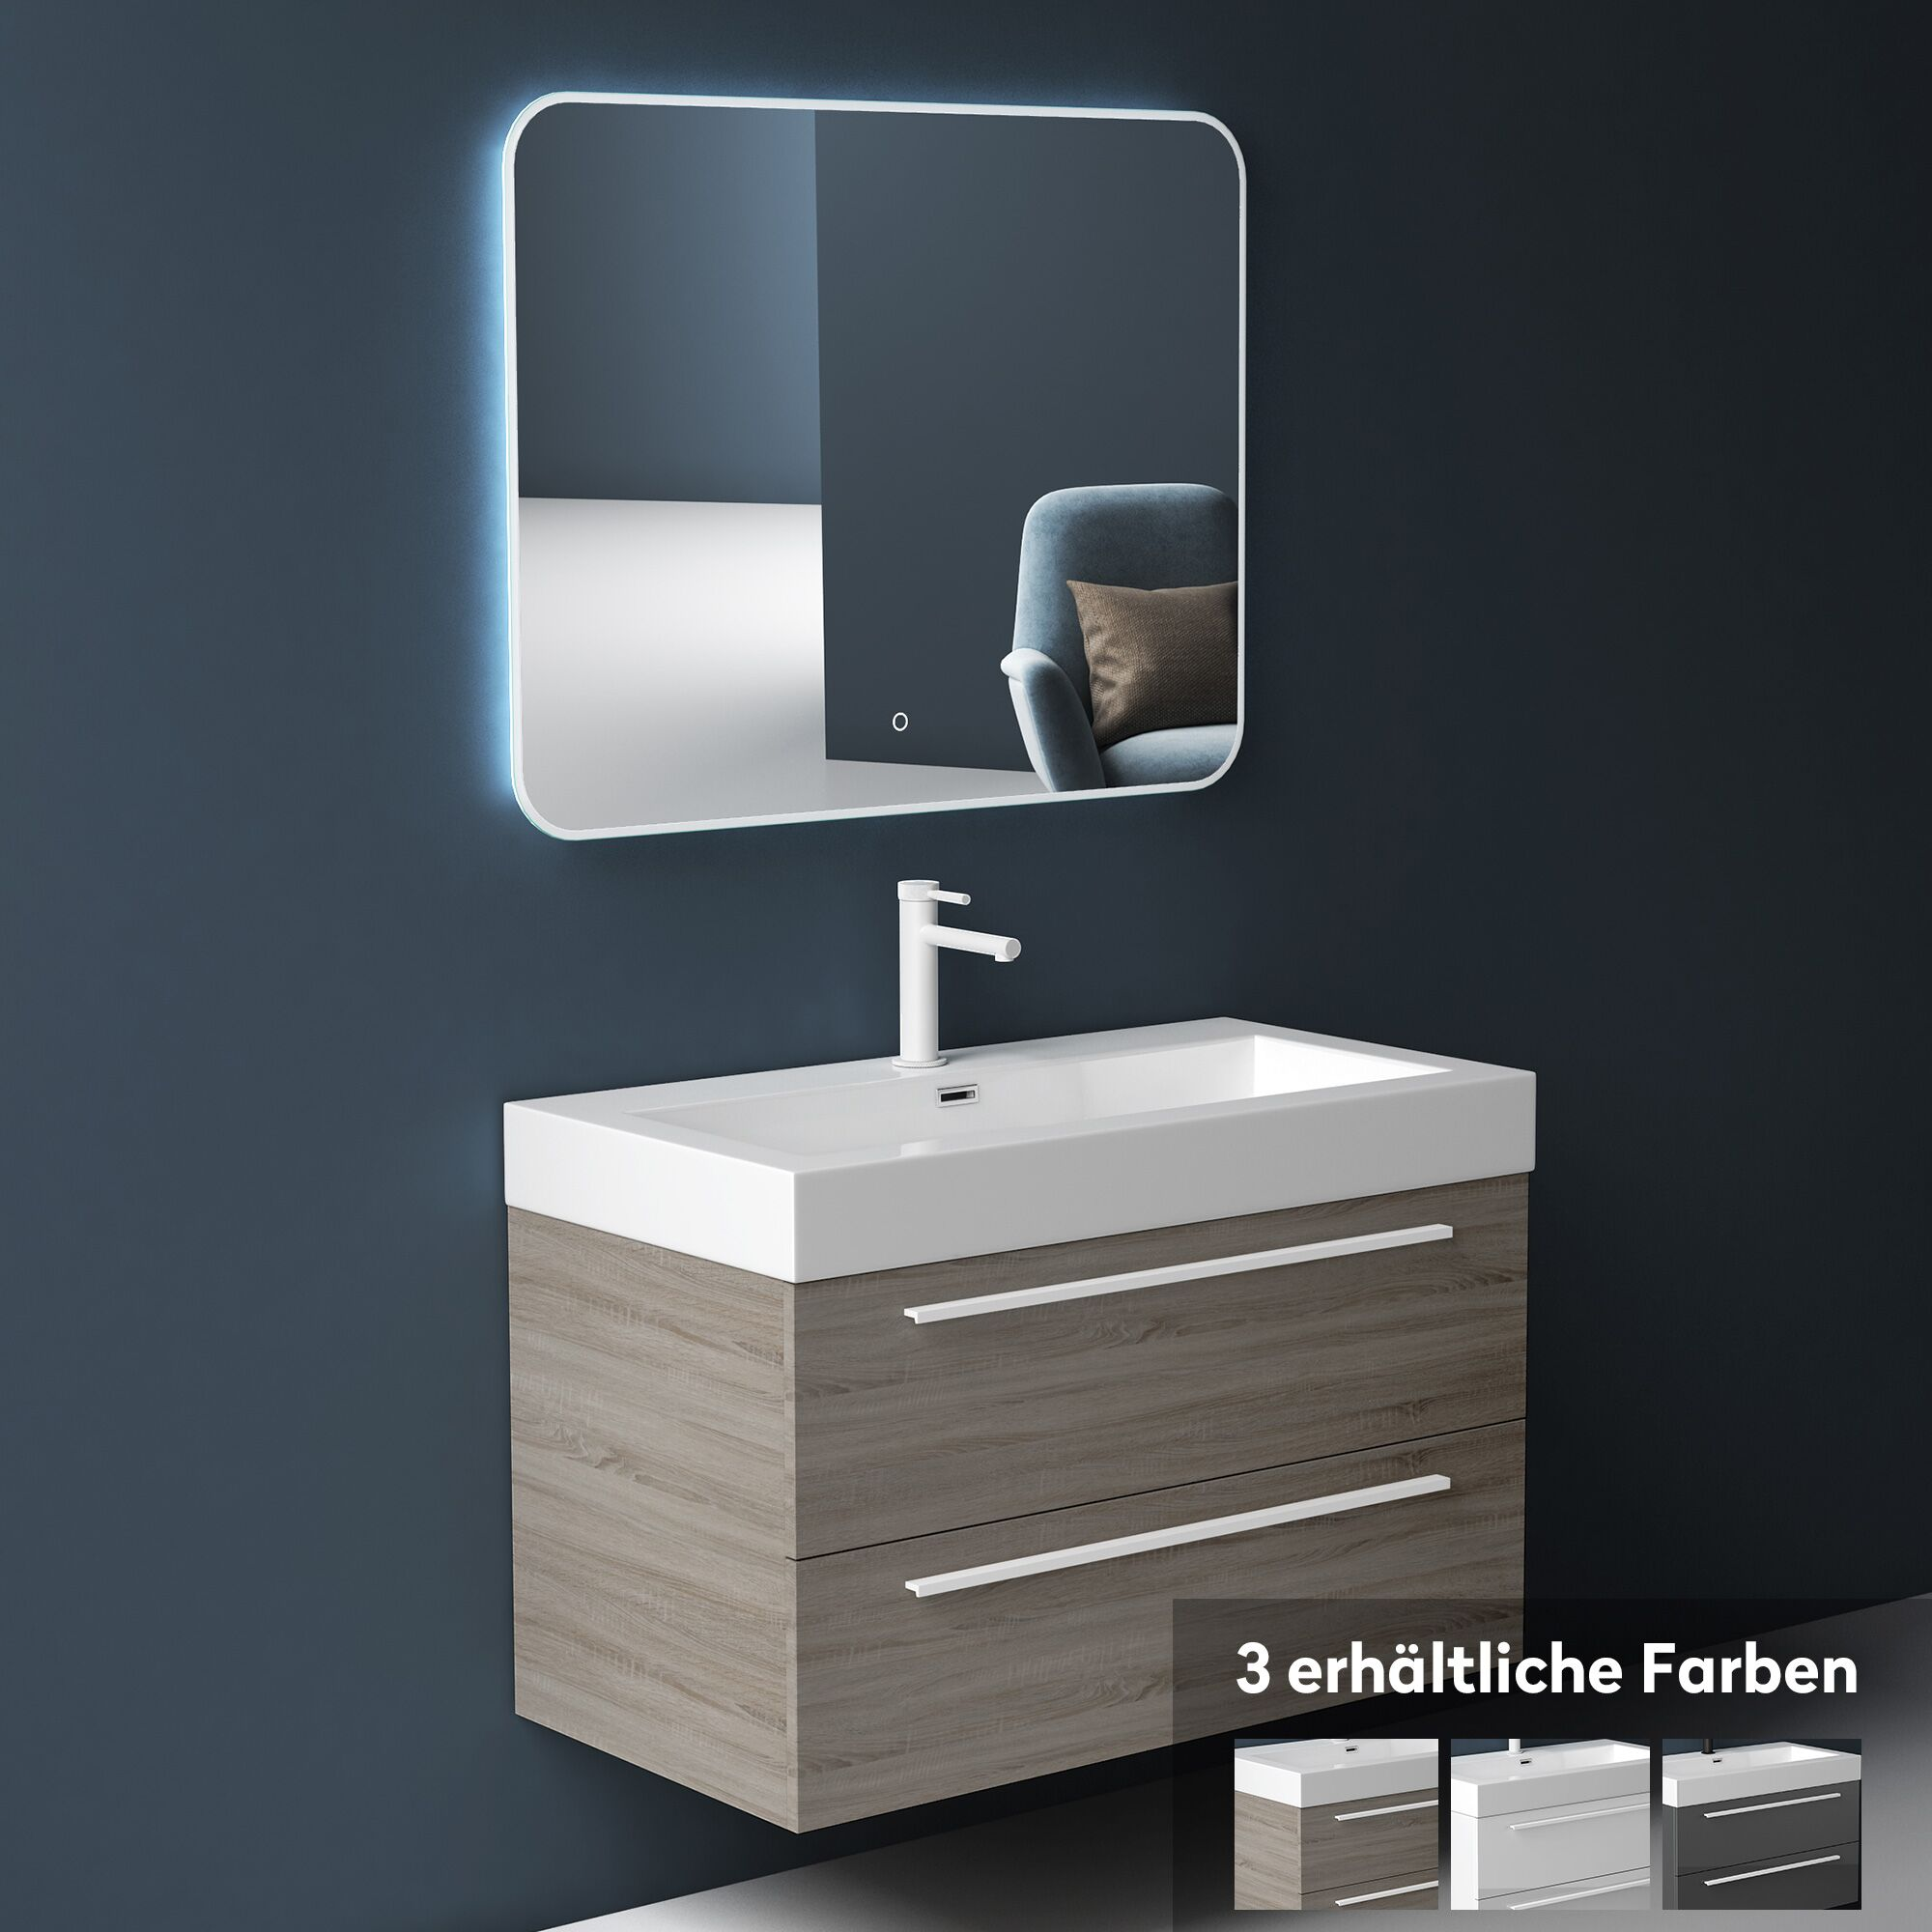 Badmöbel Set Badezimmermöbel Waschtisch Waschbecken Unterschrank